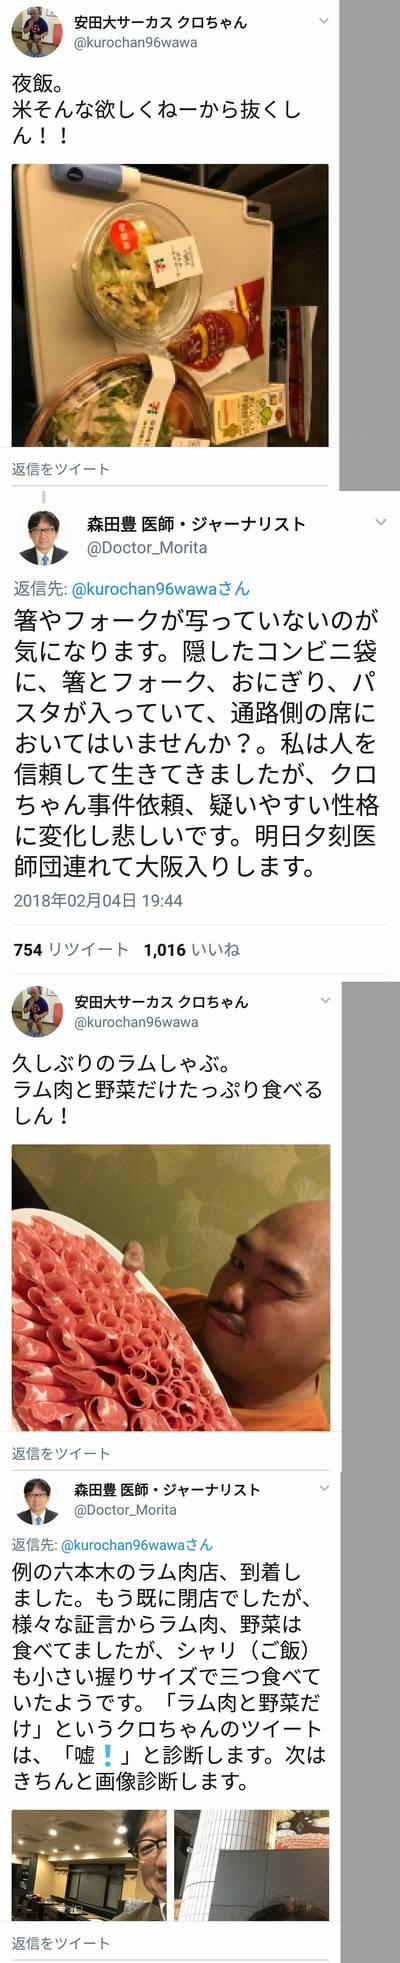 クロちゃんダイエット 森田豊